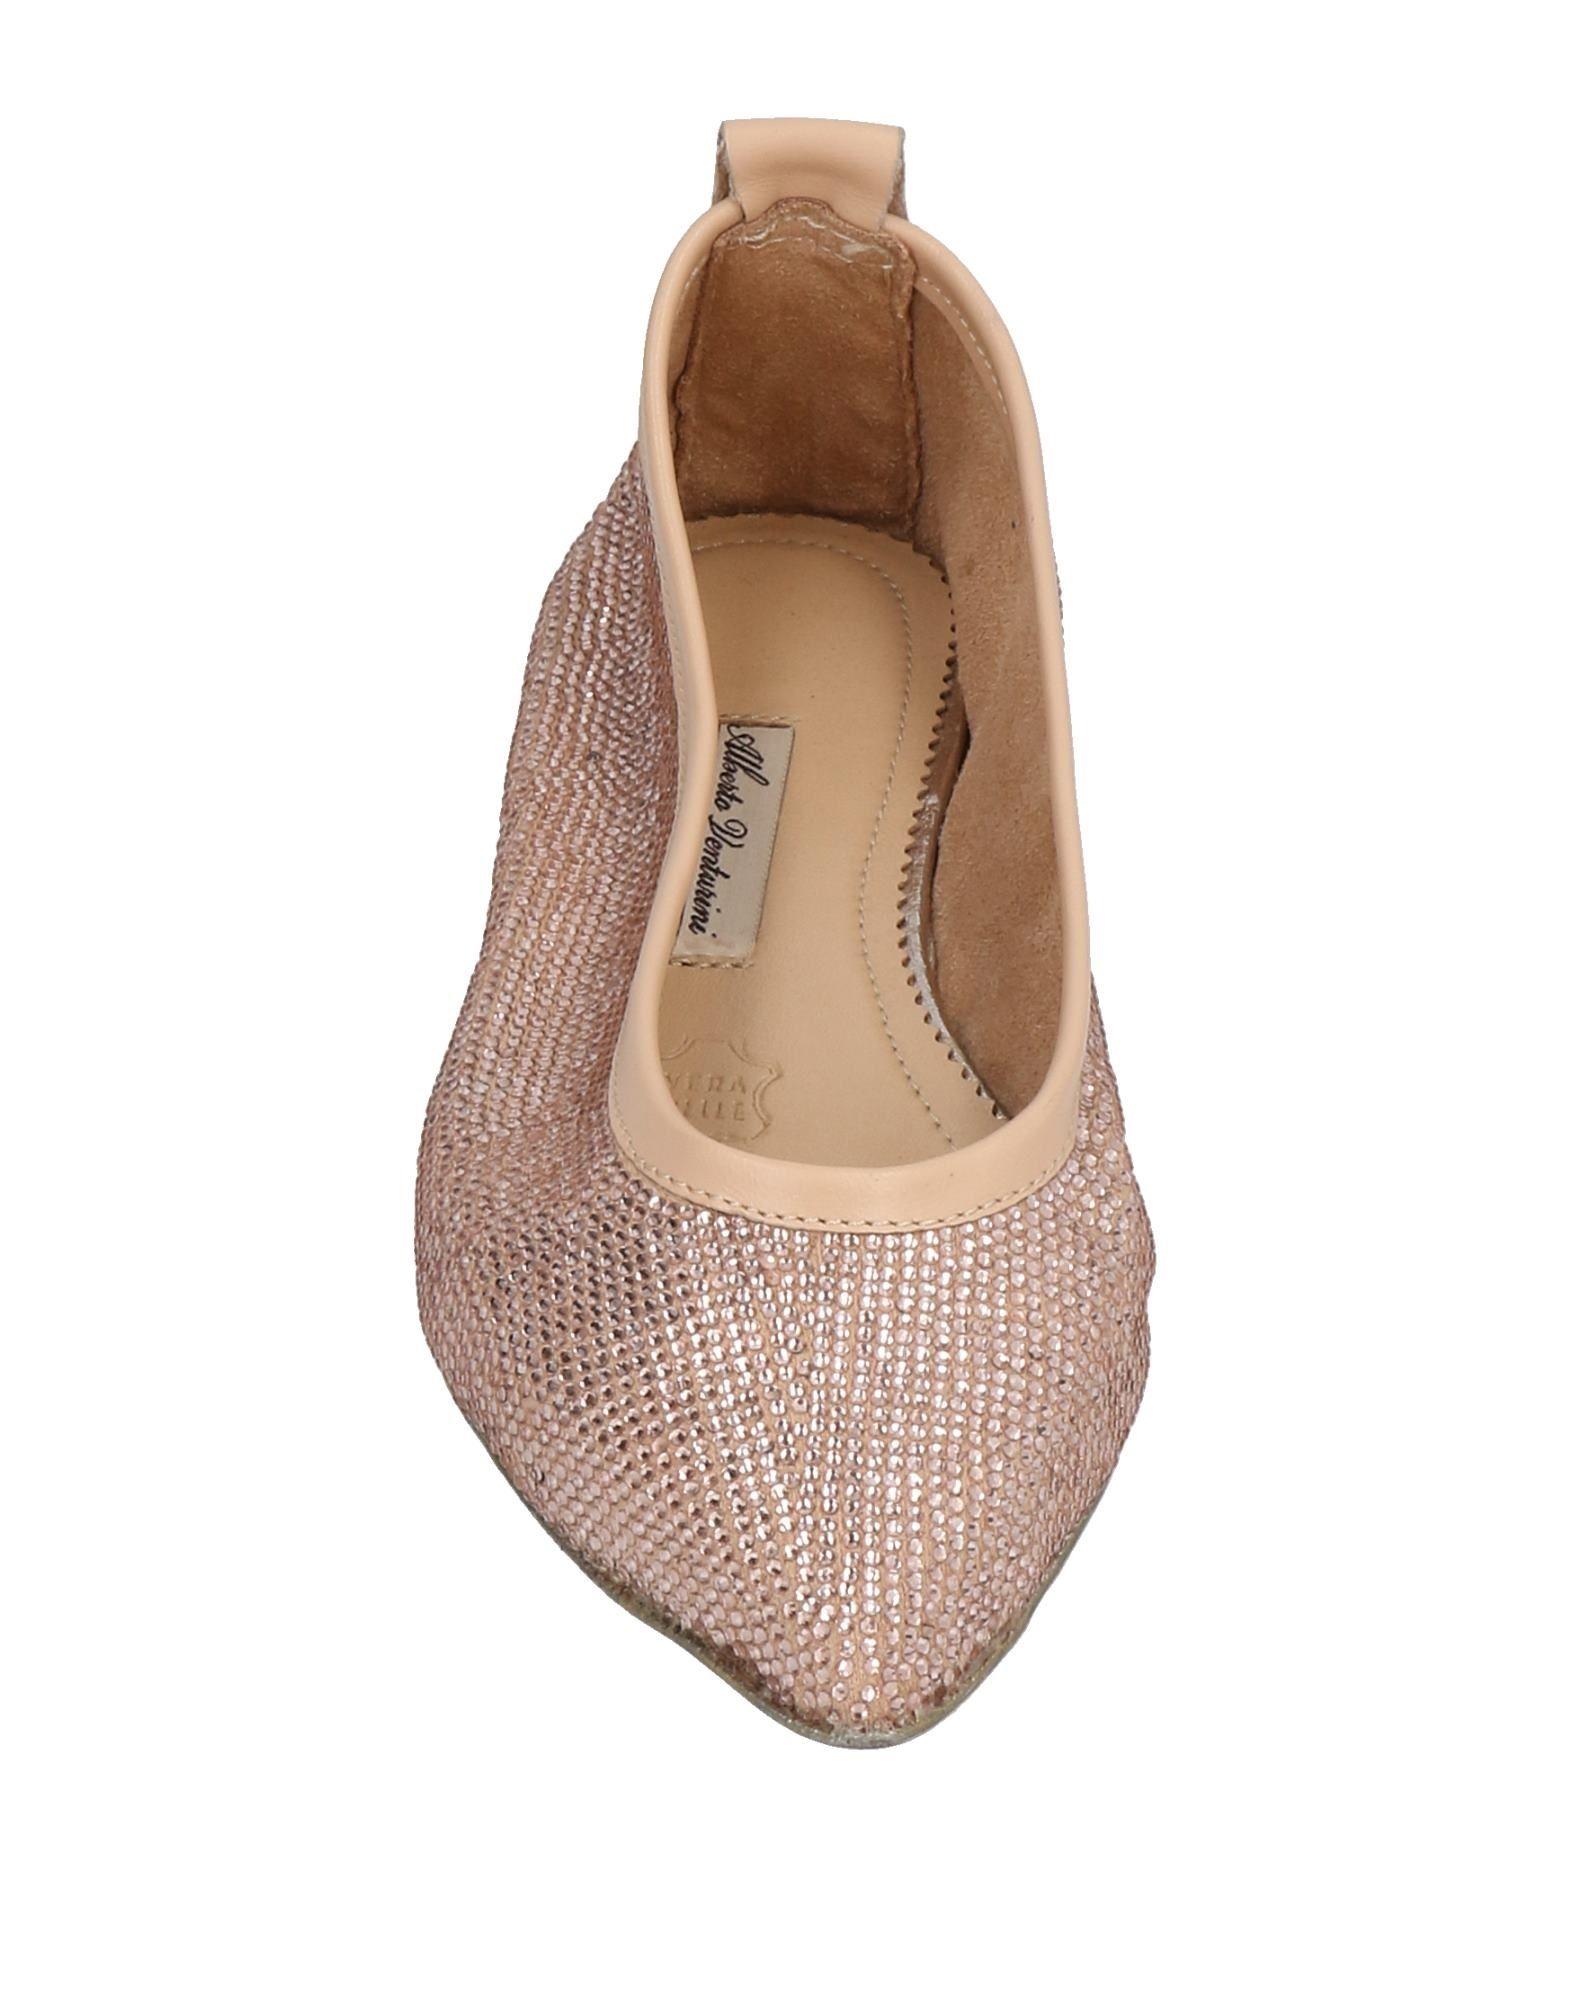 Alberto Venturini Ballerinas Damen 11488134BT beliebte Gute Qualität beliebte 11488134BT Schuhe 689027